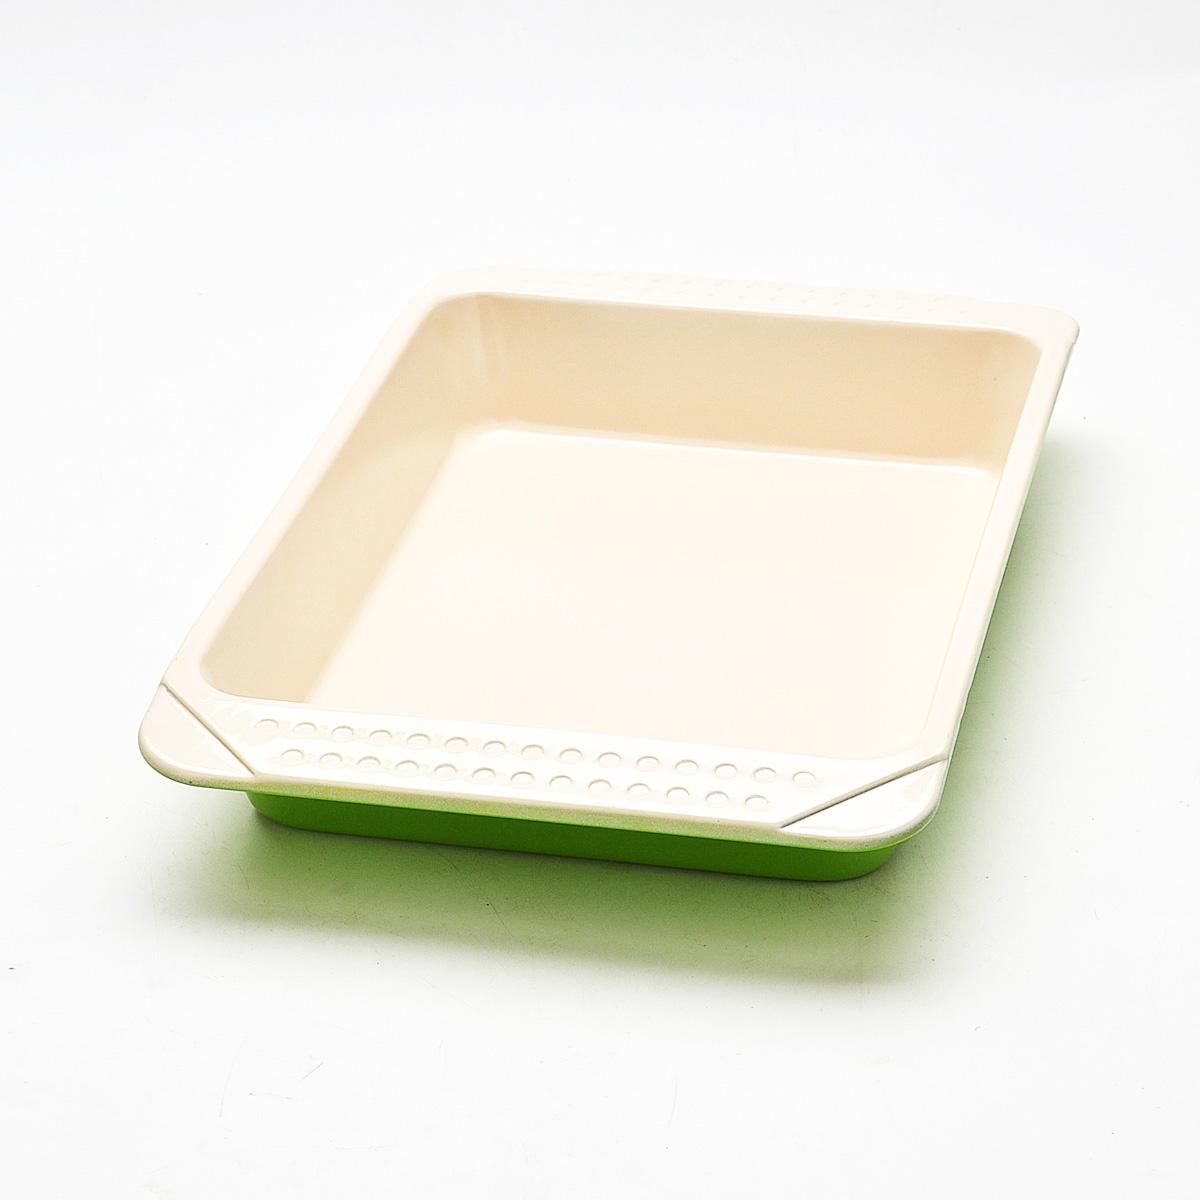 Противень Mayer & Boch, с керамическим покрытием, прямоугольный, цвет: зеленый, 41 см х 25 см х 6 см21997Противень Mayer & Boch изготовлен из высококачественной углеродистой стали с керамическим покрытием. Жаропрочное покрытие безопасно для человека, не содержит вредных примесей PFOA и PTFE. Простой в уходе и долговечный в использовании противень станет верным помощником в создании ваших кулинарных шедевров. Подходит для использования в духовом шкафу. Не подходит для СВЧ-печей. Не рекомендуется мыть в посудомоечной машине. Используйте только деревянные и пластиковые лопатки. Размер (с учетом ручек): 41 см х 27 см х 4,7 см. Размер (по внутреннему краю): 33 см х 23 см х 5,5 см.Высота стенок: 5,5 см.